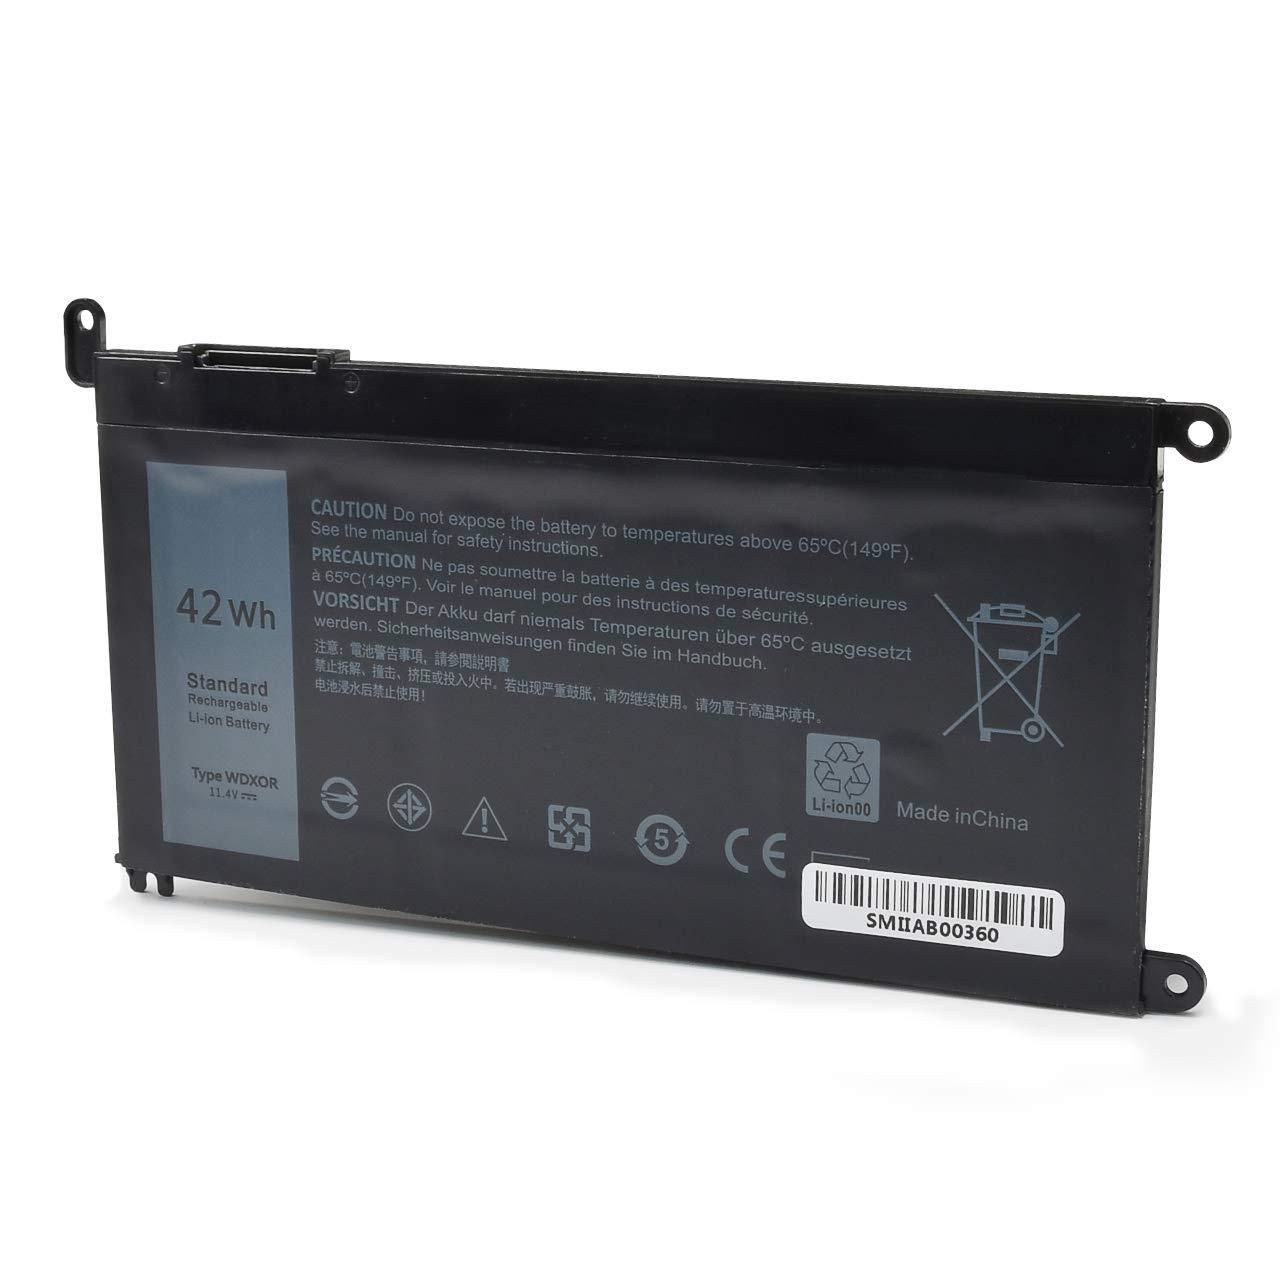 Bateria Wdx0r 3crh3 T2jx4 Fc92n Cymgm Dell Inspiron 15 5565